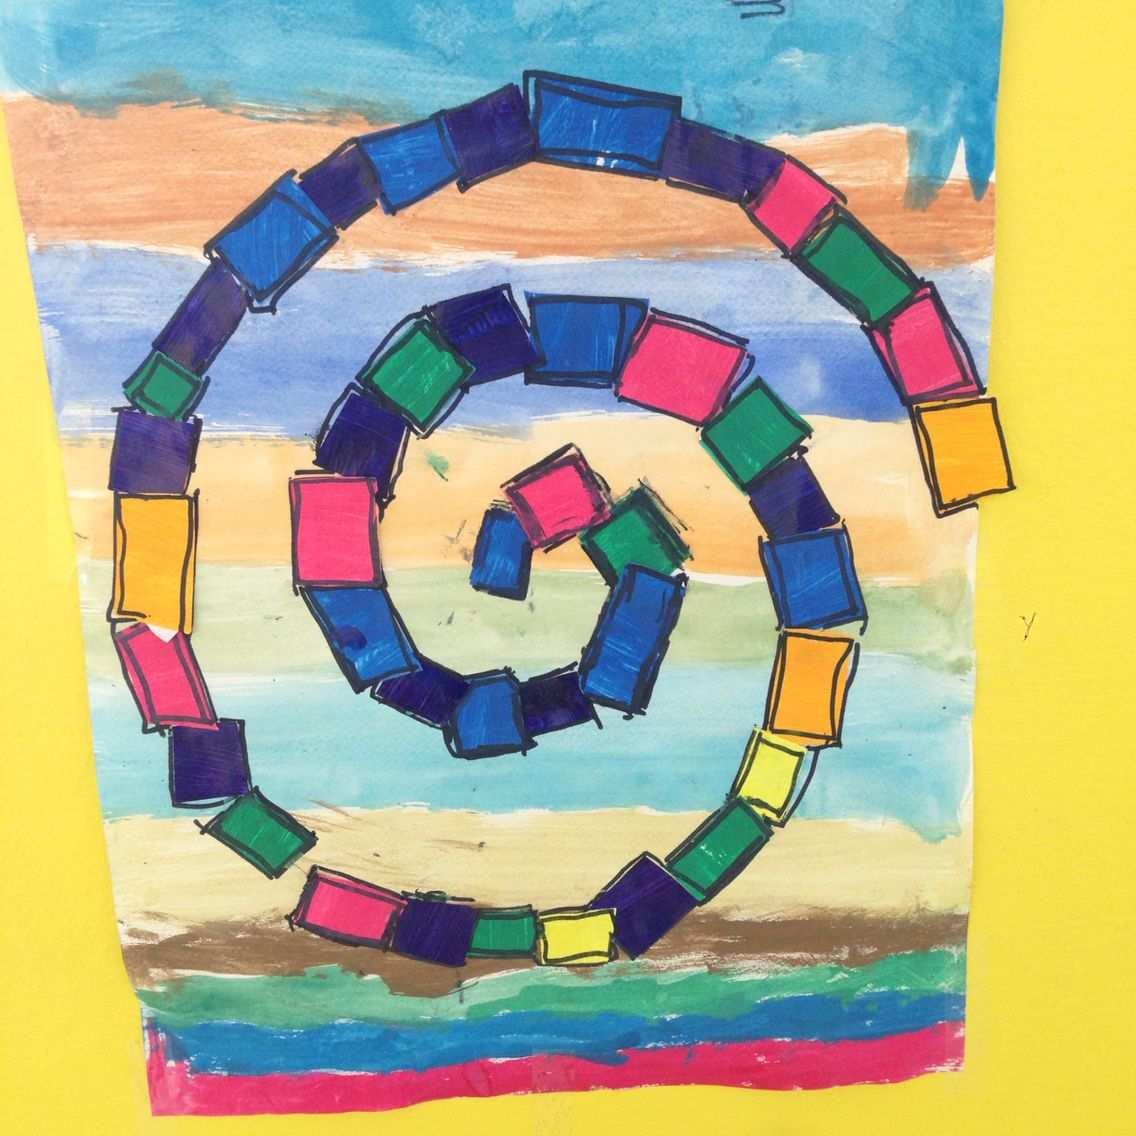 Spirale Kunstprojekte Kinder Kunst